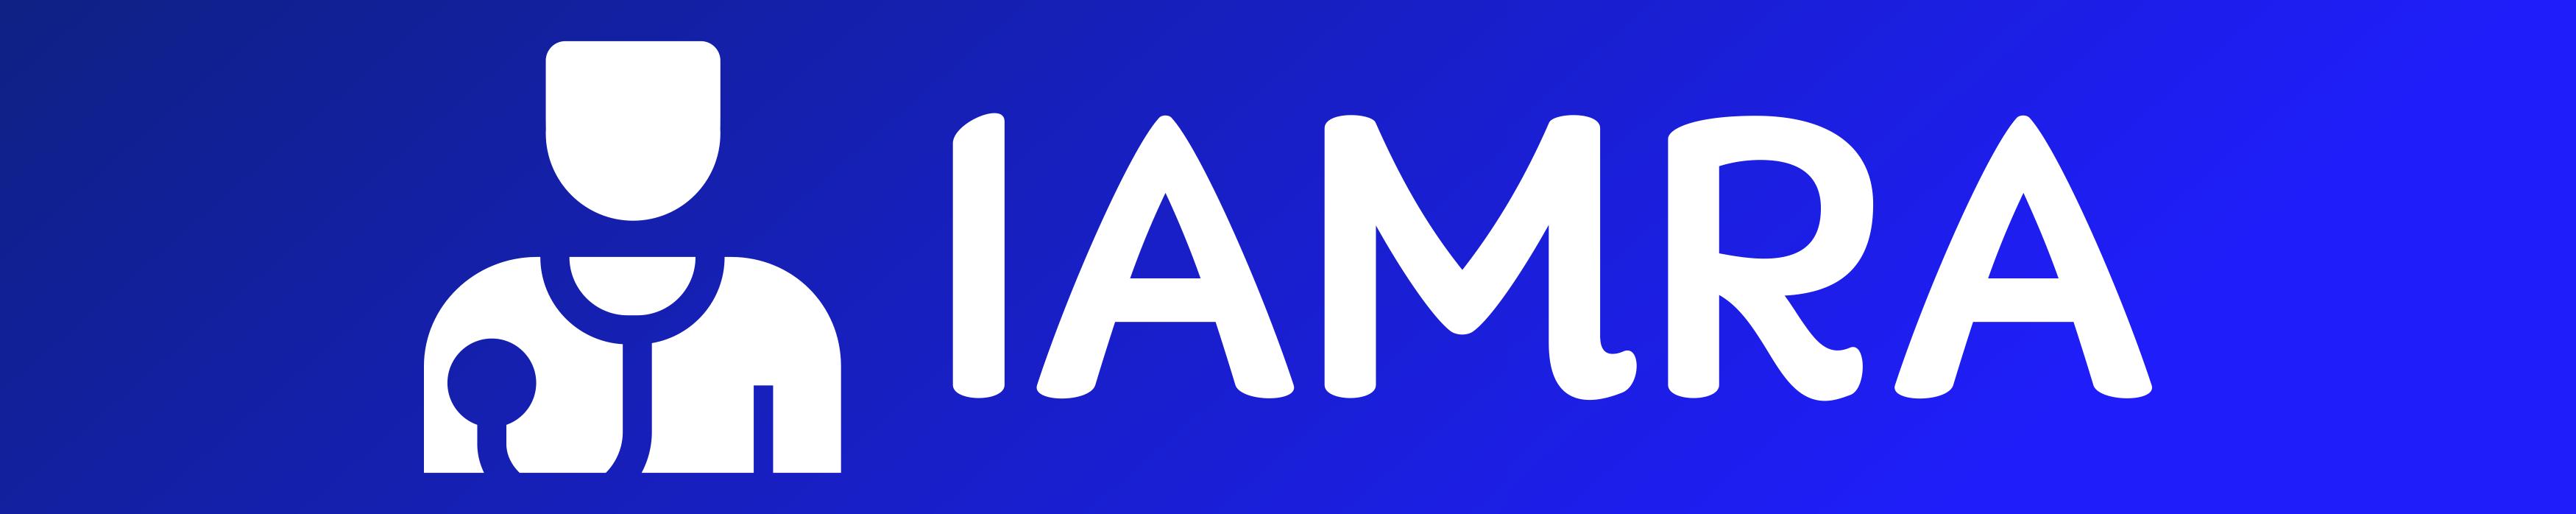 IAMRA